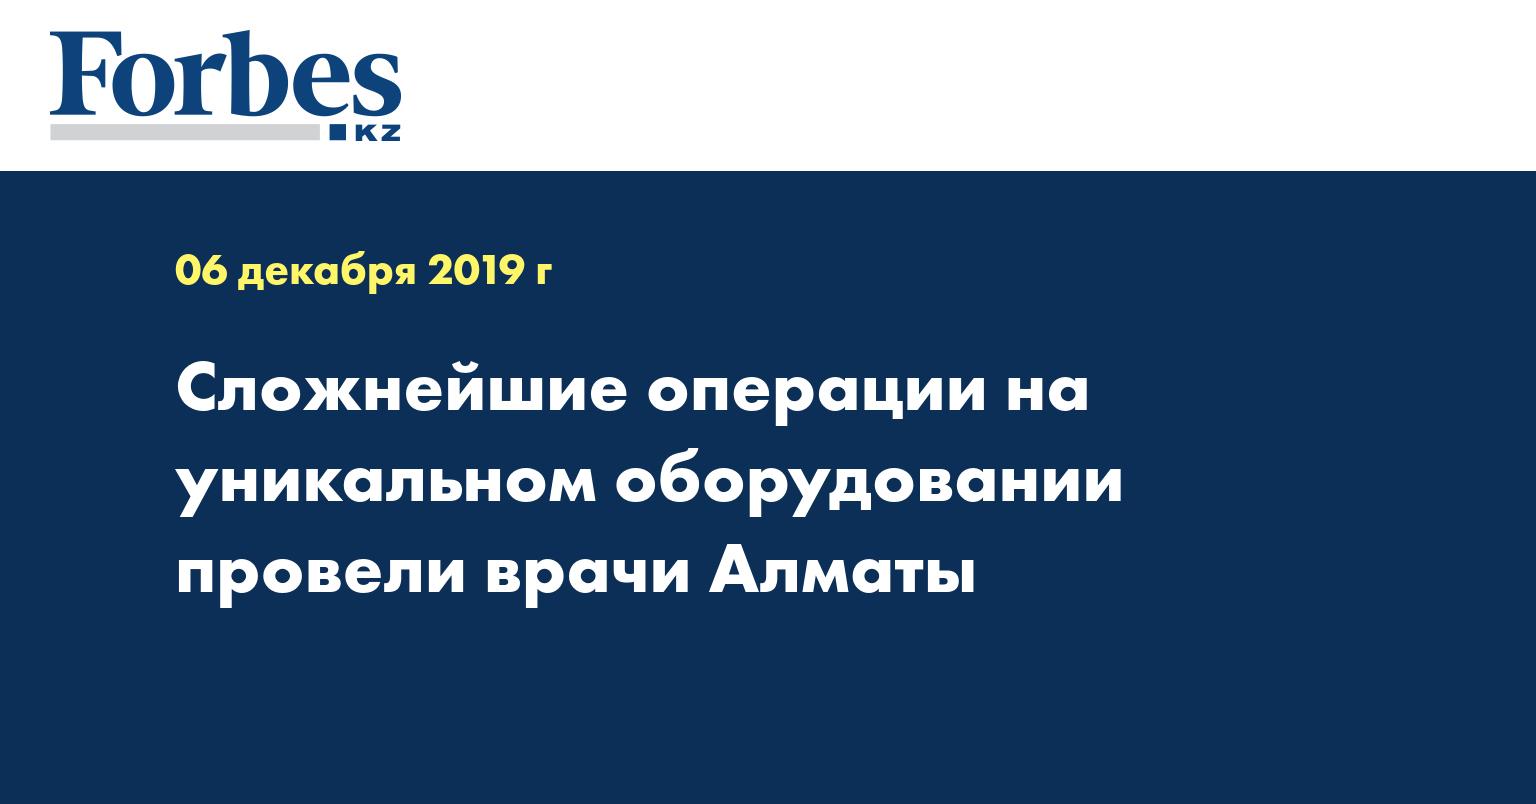 Сложнейшие операции на уникальном оборудовании провели врачи Алматы